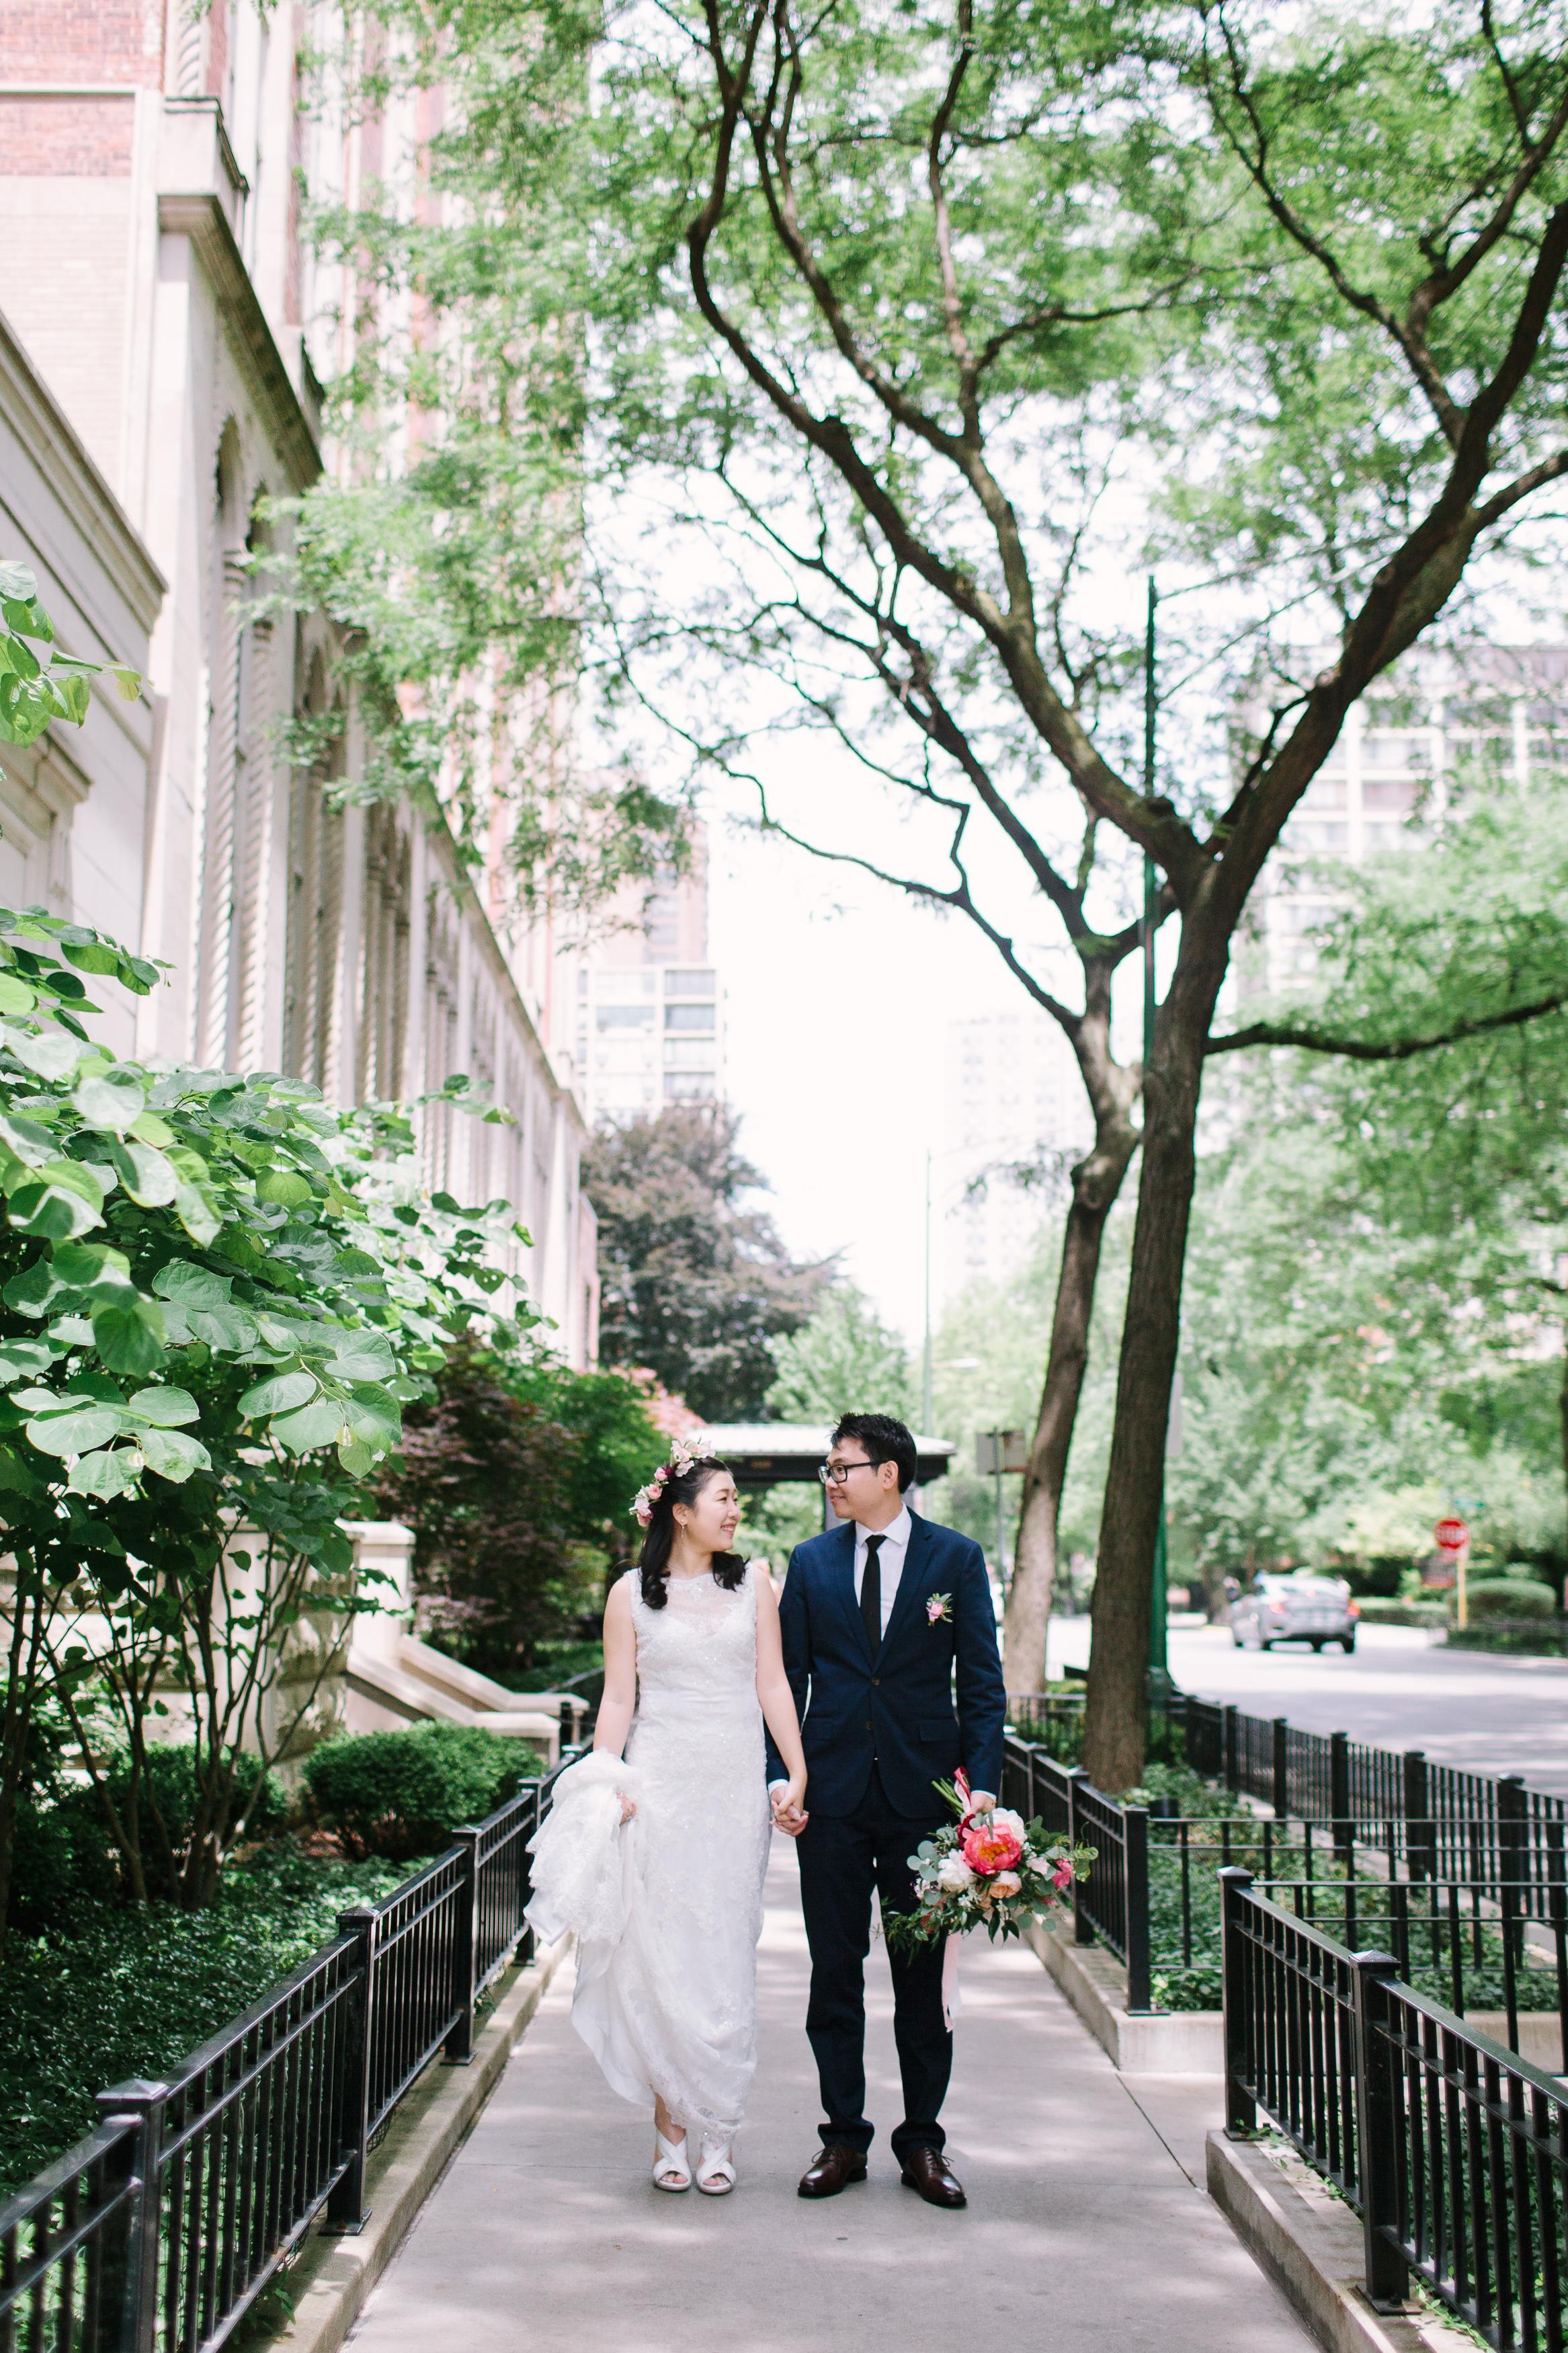 Nicodem Creative-Wang Wedding-Public Hotel Chicago-11.jpg